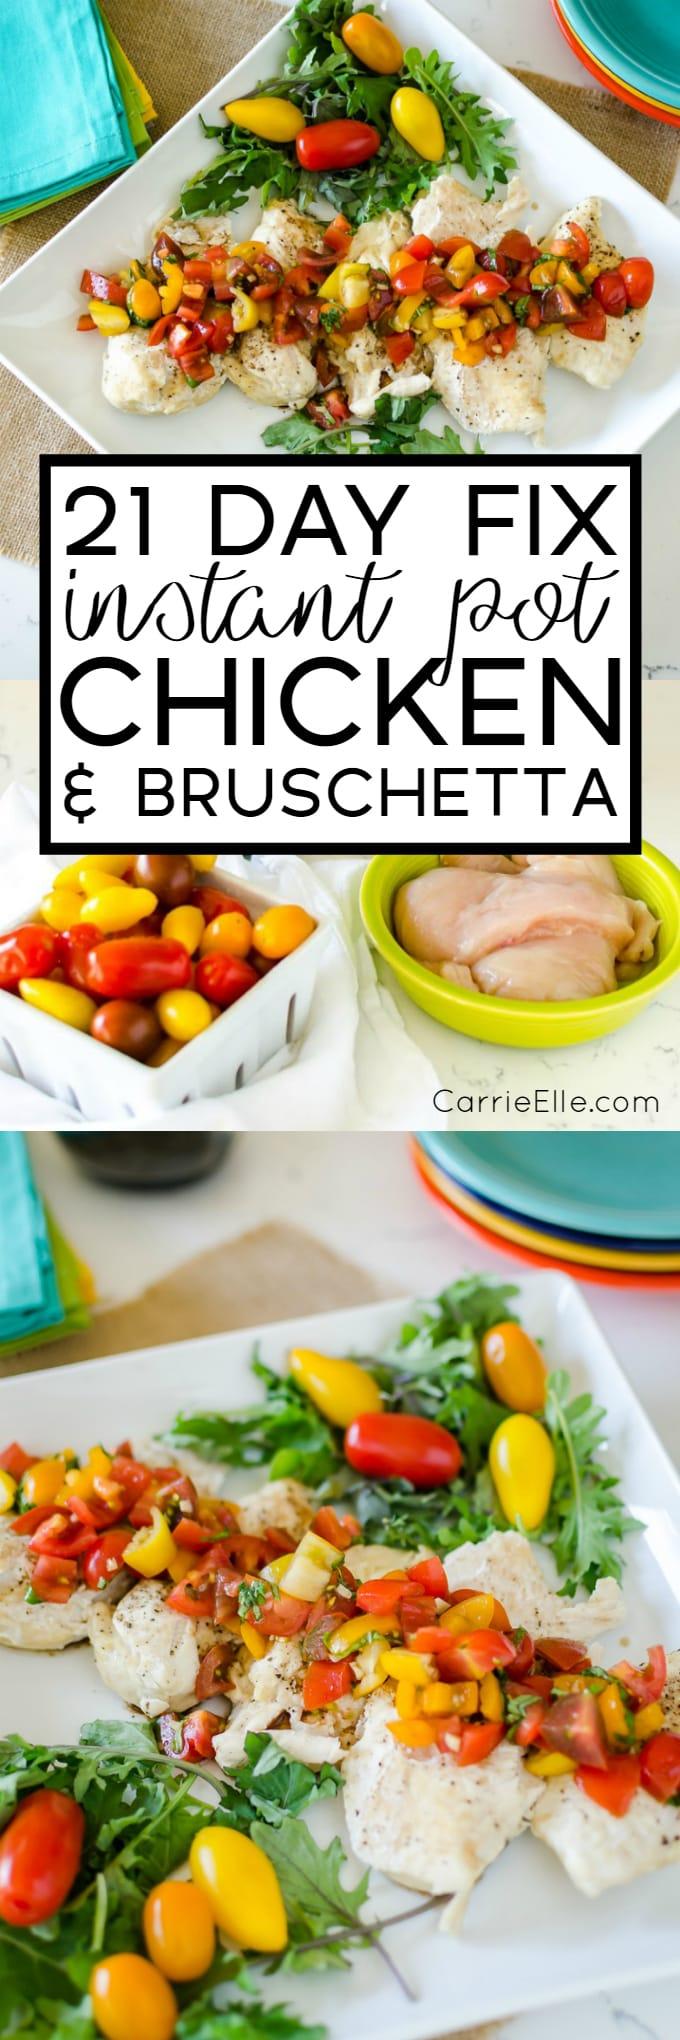 21 Day Fix Instant Pot Chicken Bruschetta